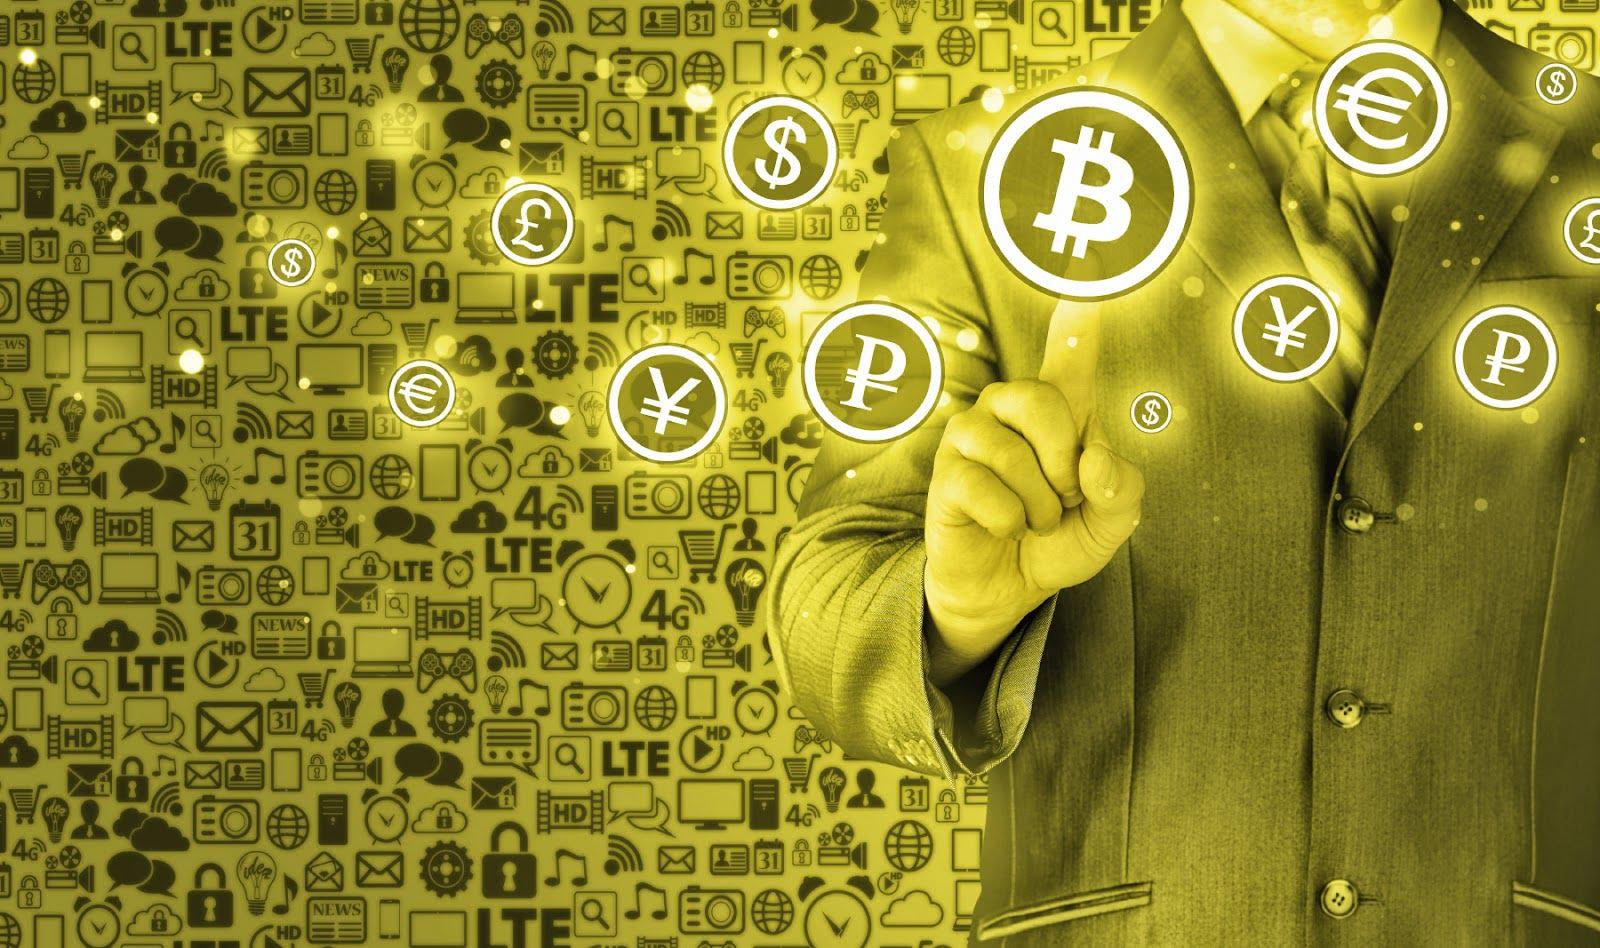 Безопасная покупка биткоинов: как вложиться в криптовалюту, сохраняя анонимность